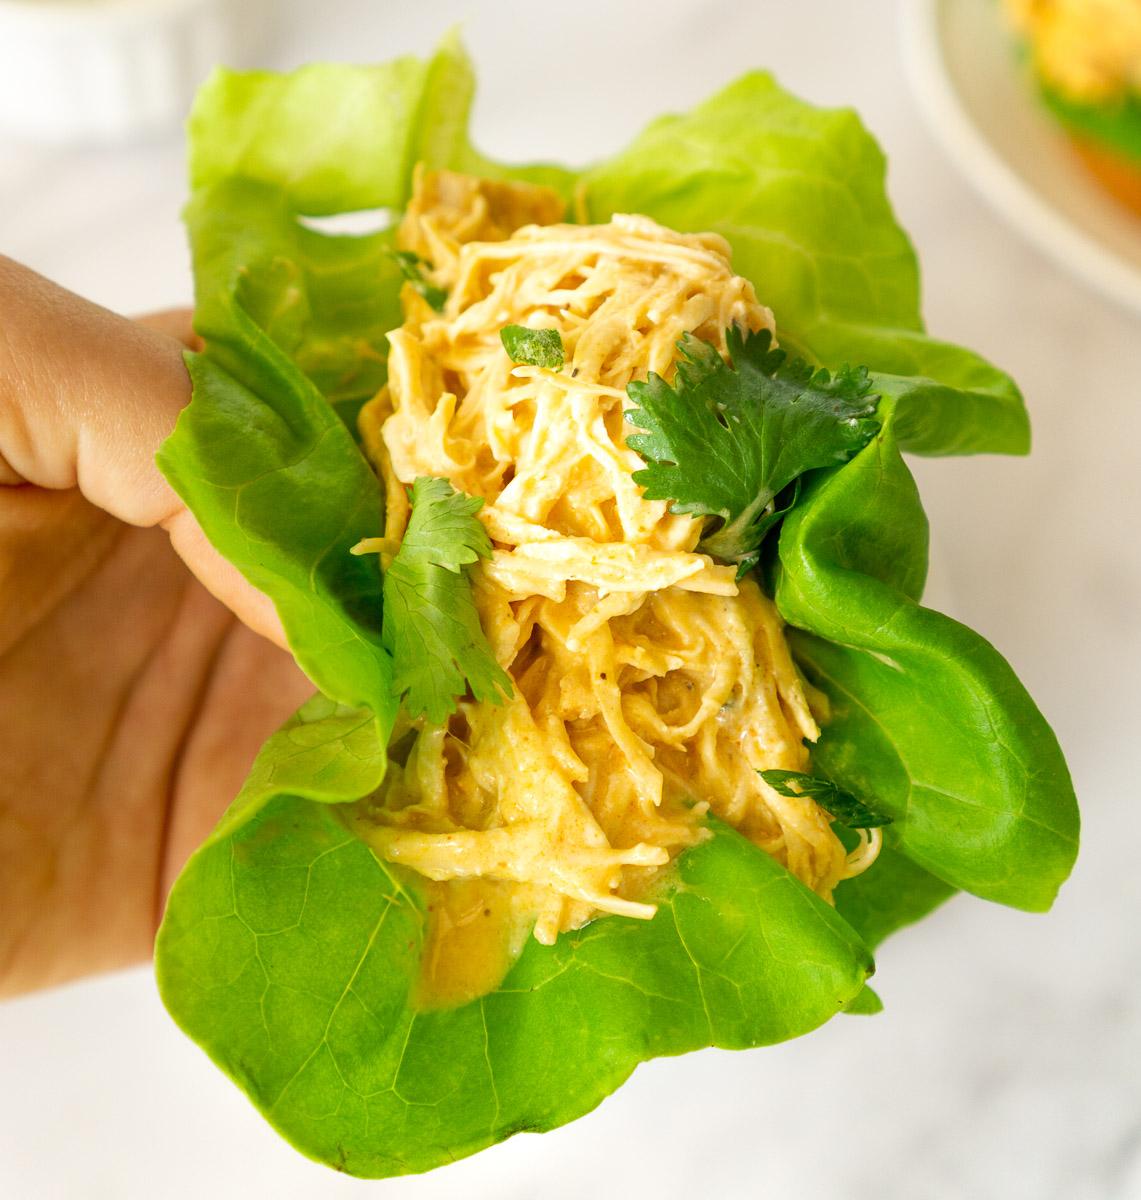 Buffalo chicken lettuce wrap in hand